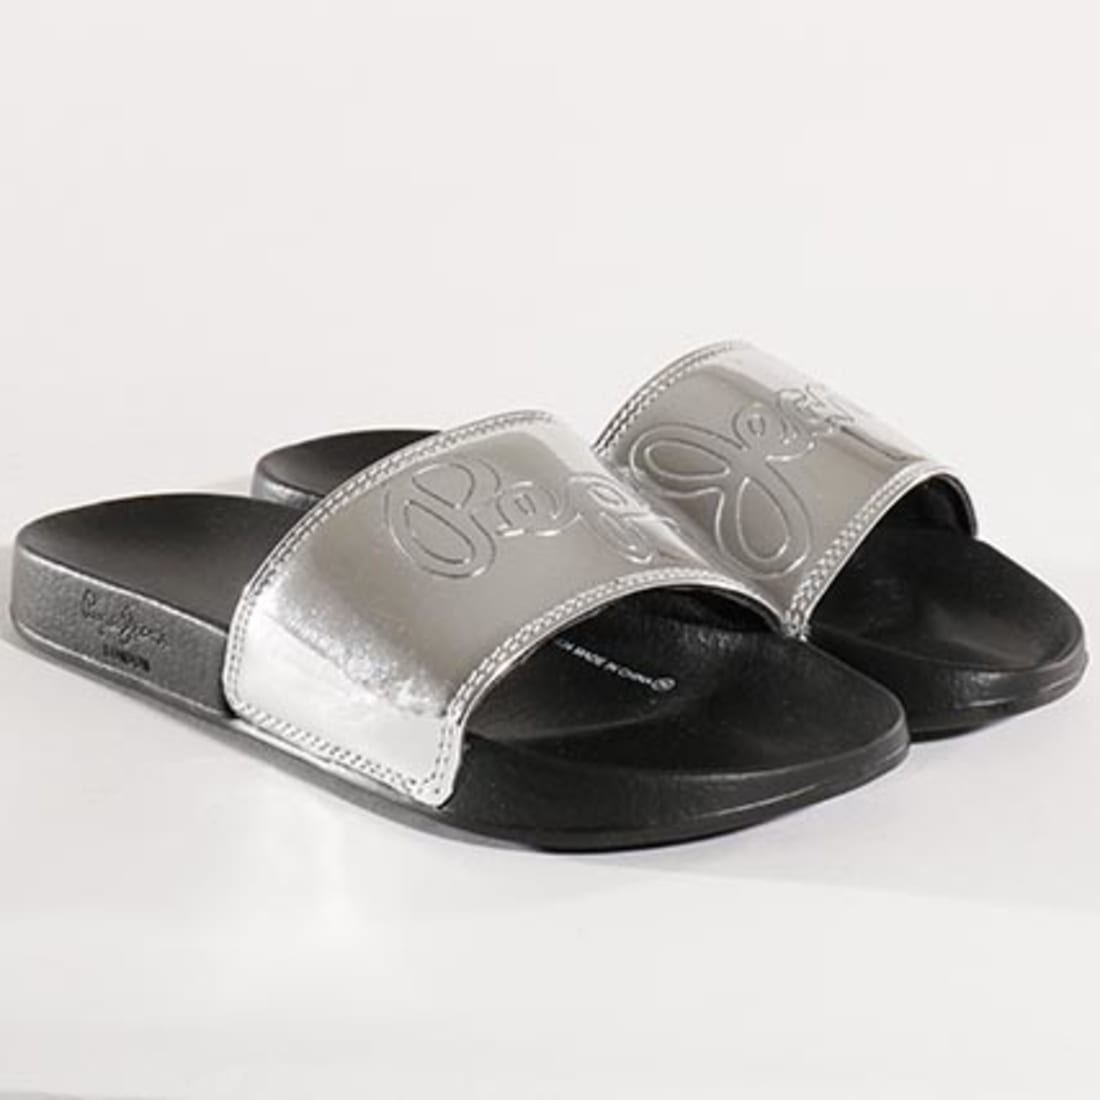 Šlepetės PEPE JEANS - Flap Shine PLS70037 Silver 934